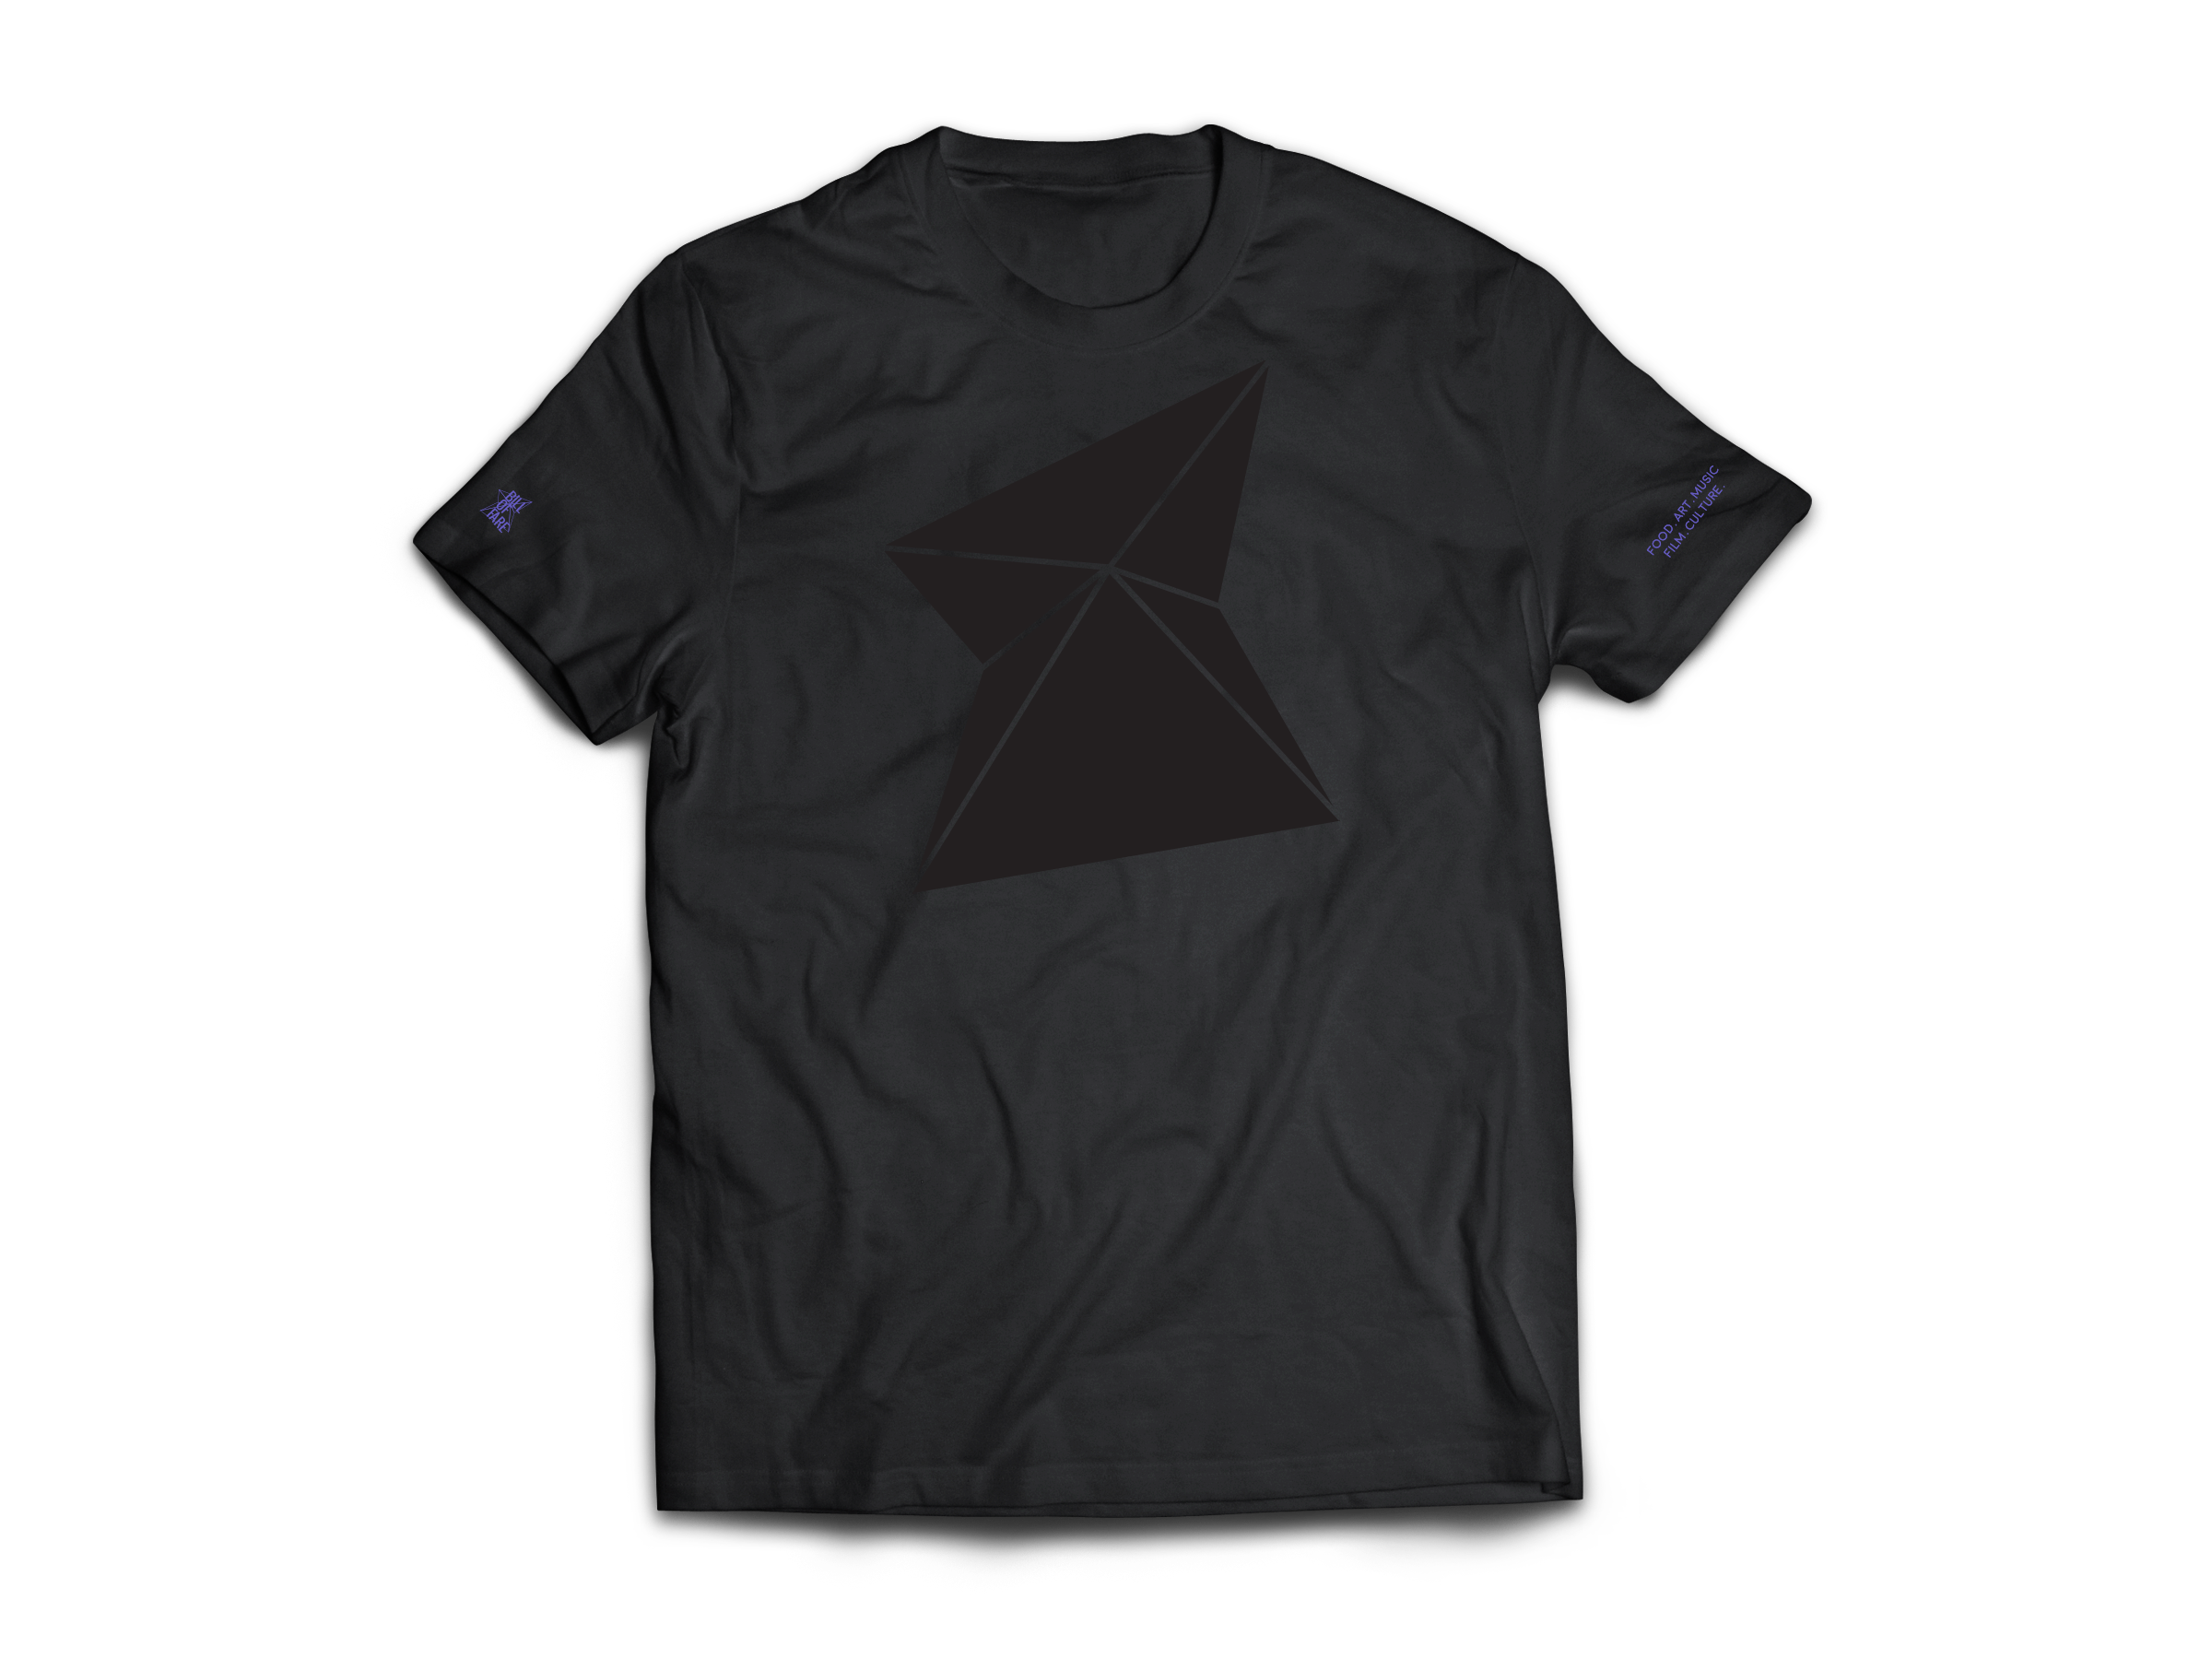 BOF_T-Shirt MockUp_Front.png